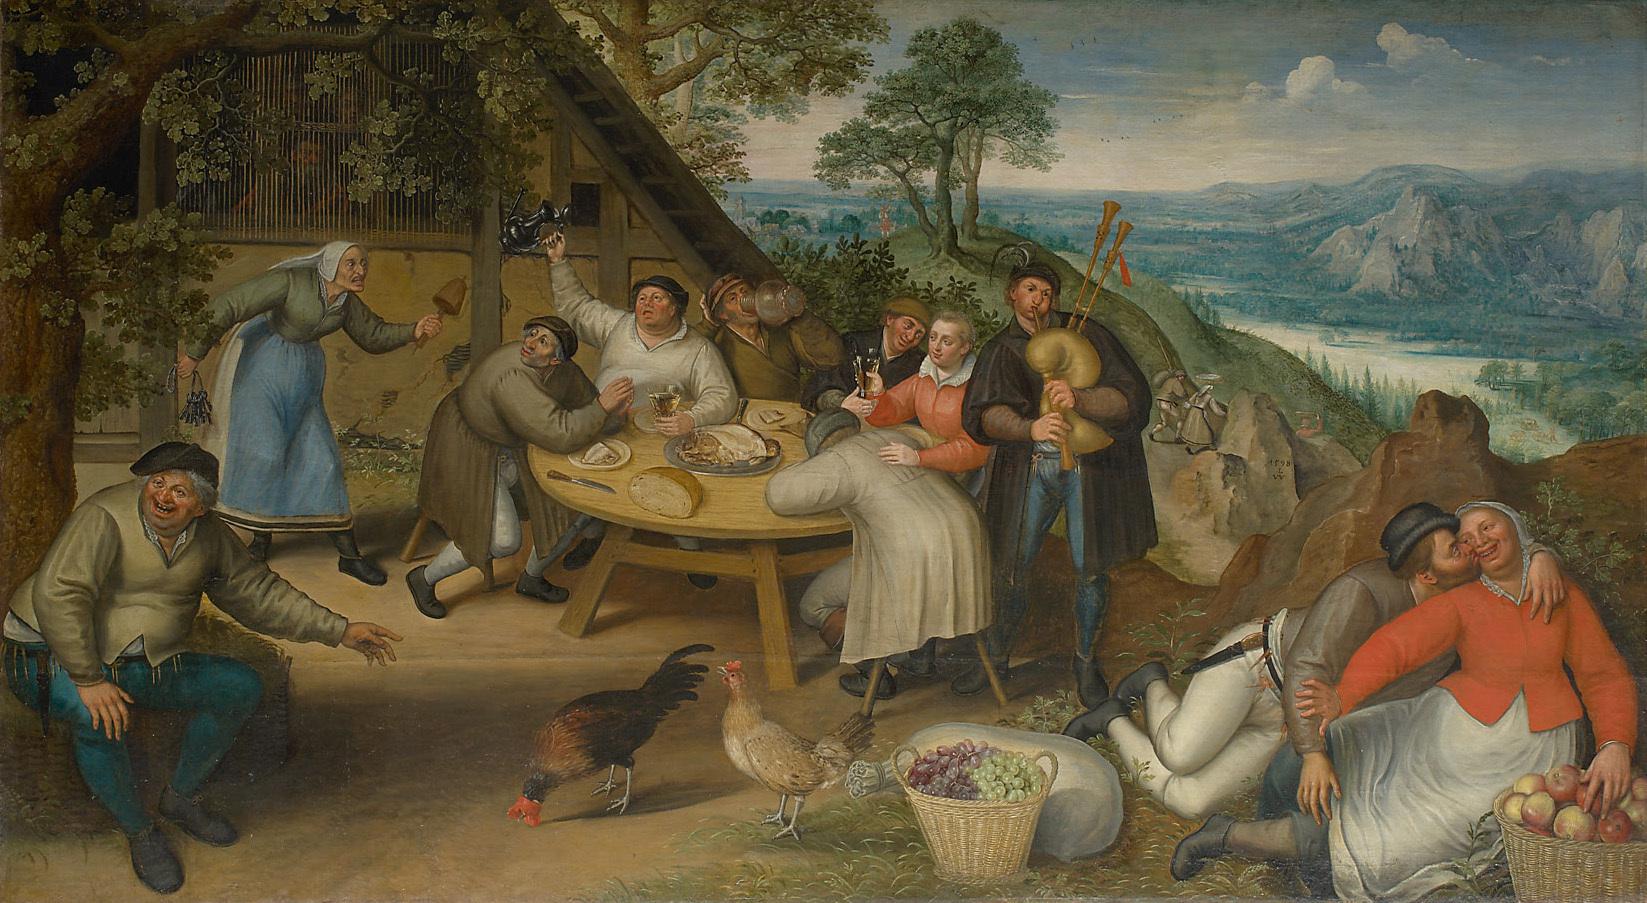 Bauernschenke von Lucas I. van Valckenborch